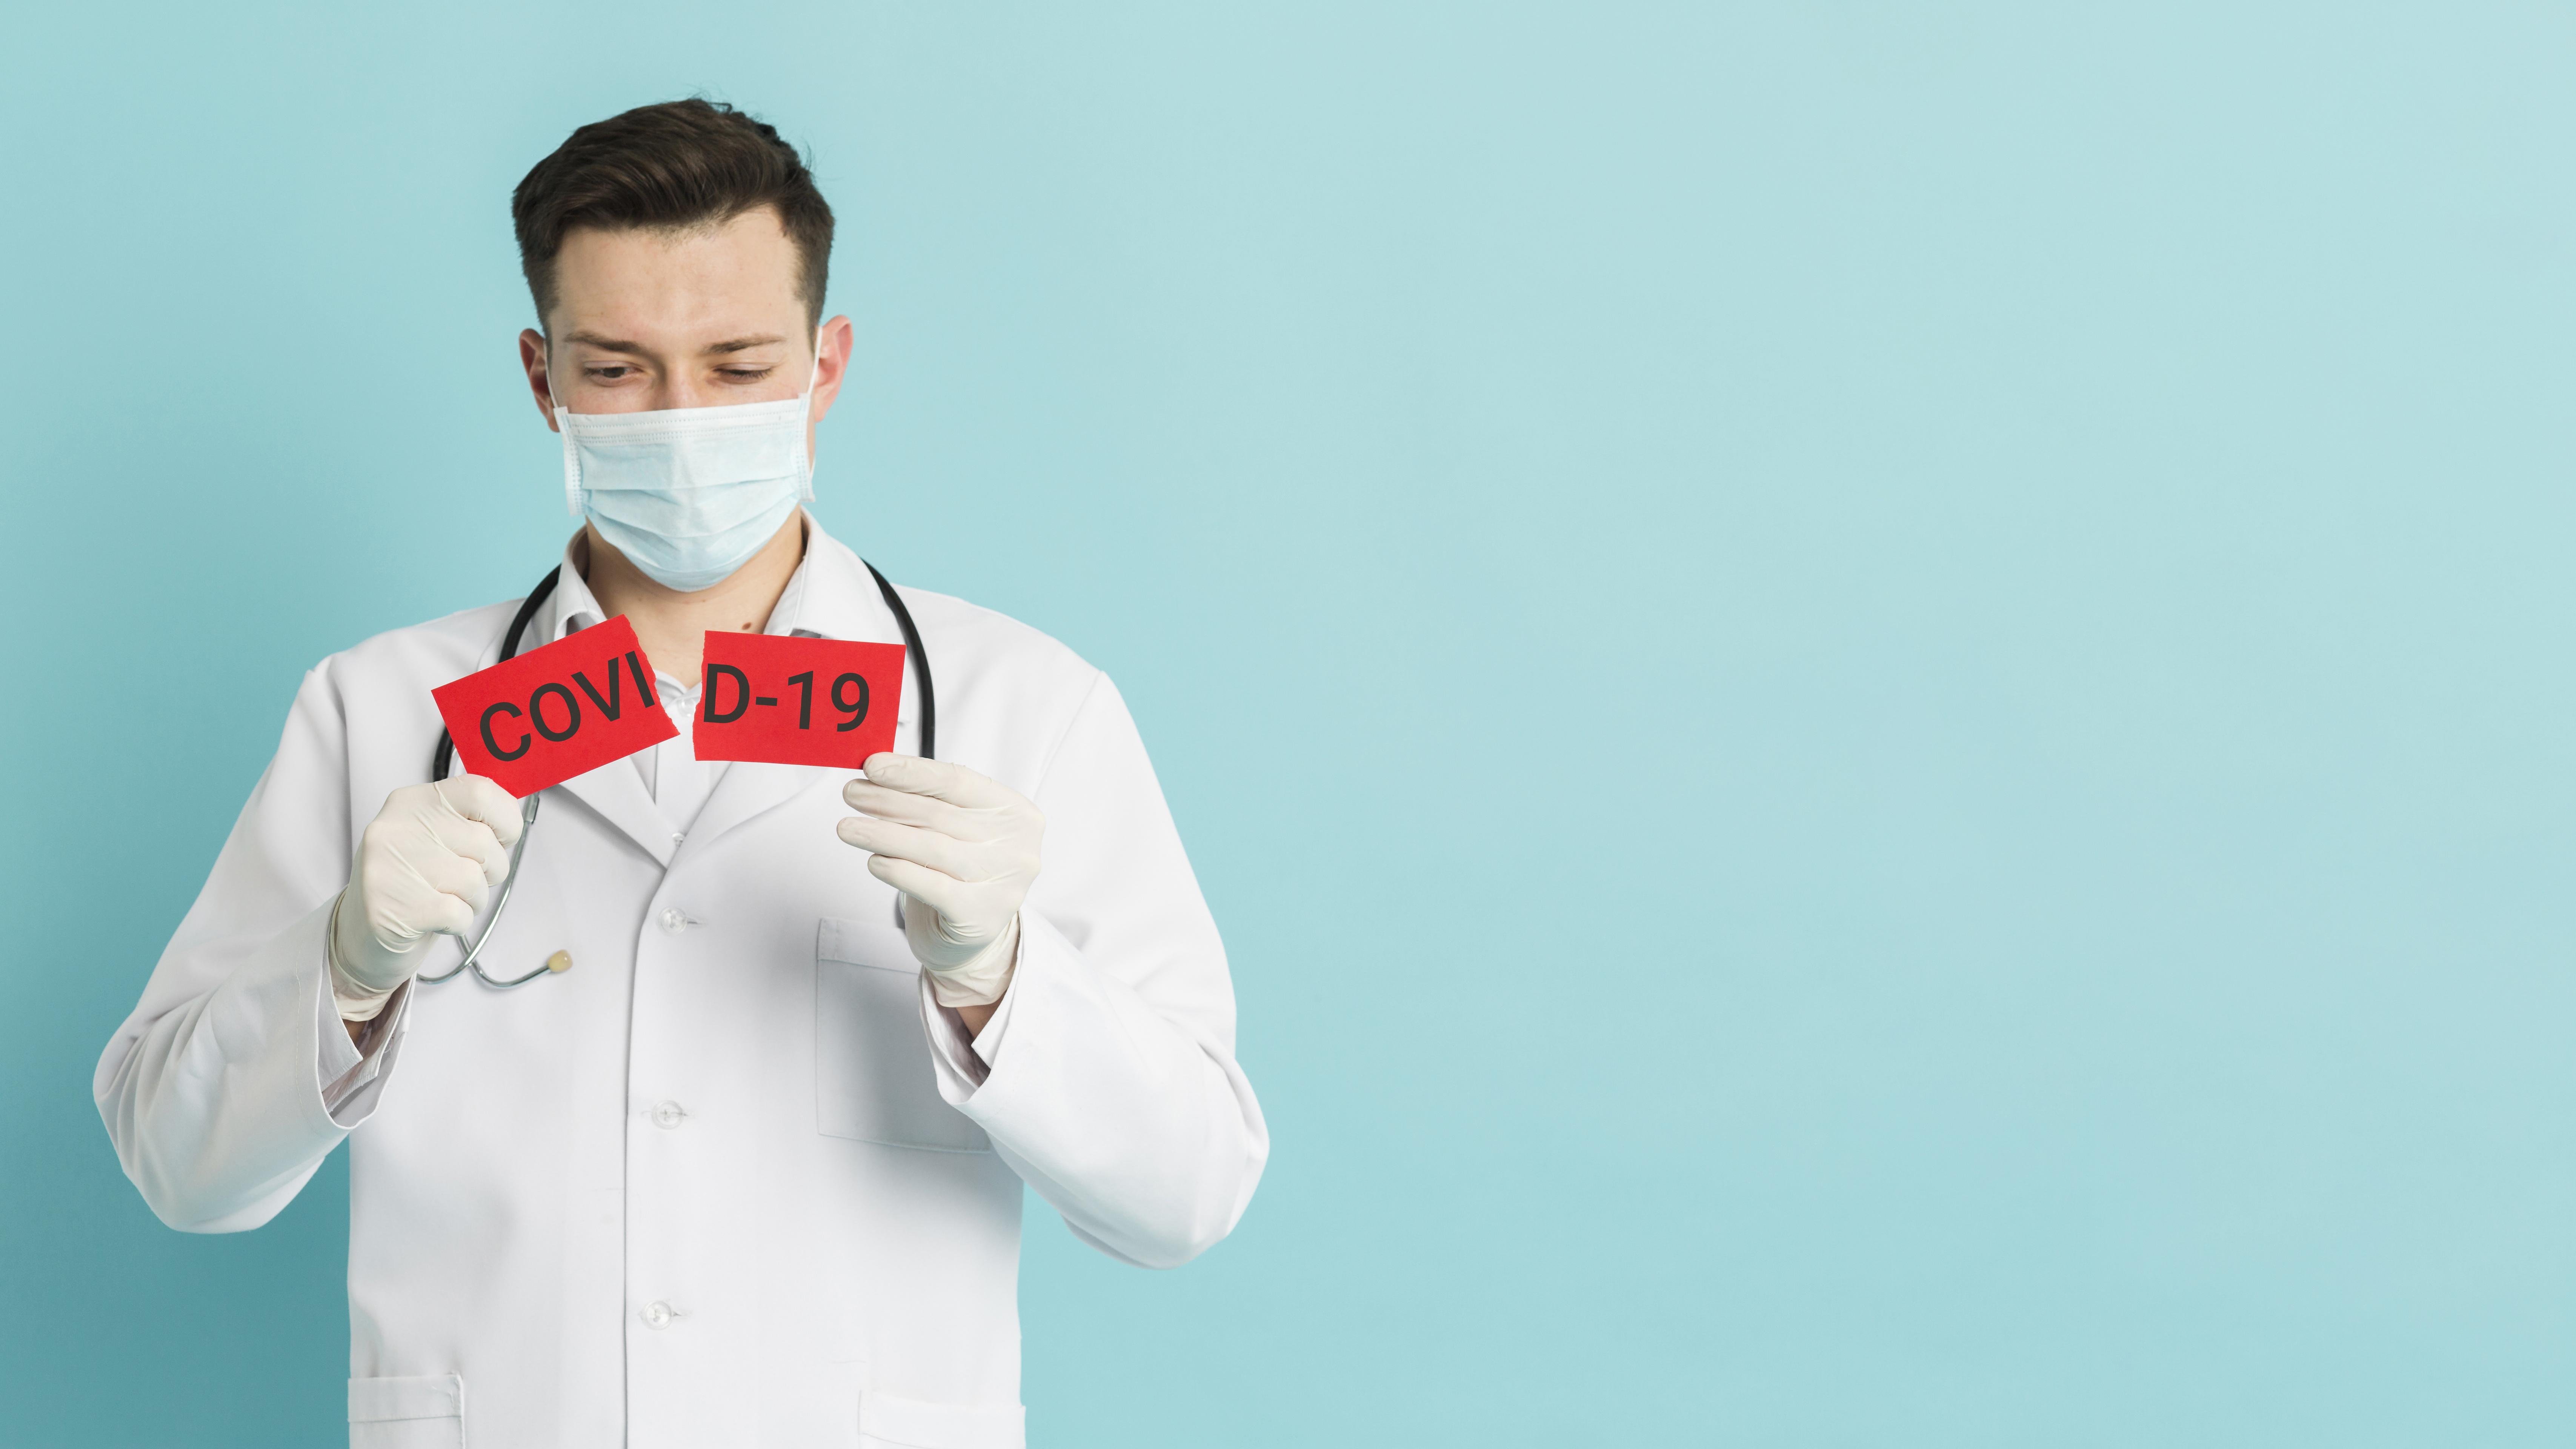 Emergenza Coronavirus, le precauzioni adottate nello studio dentistico